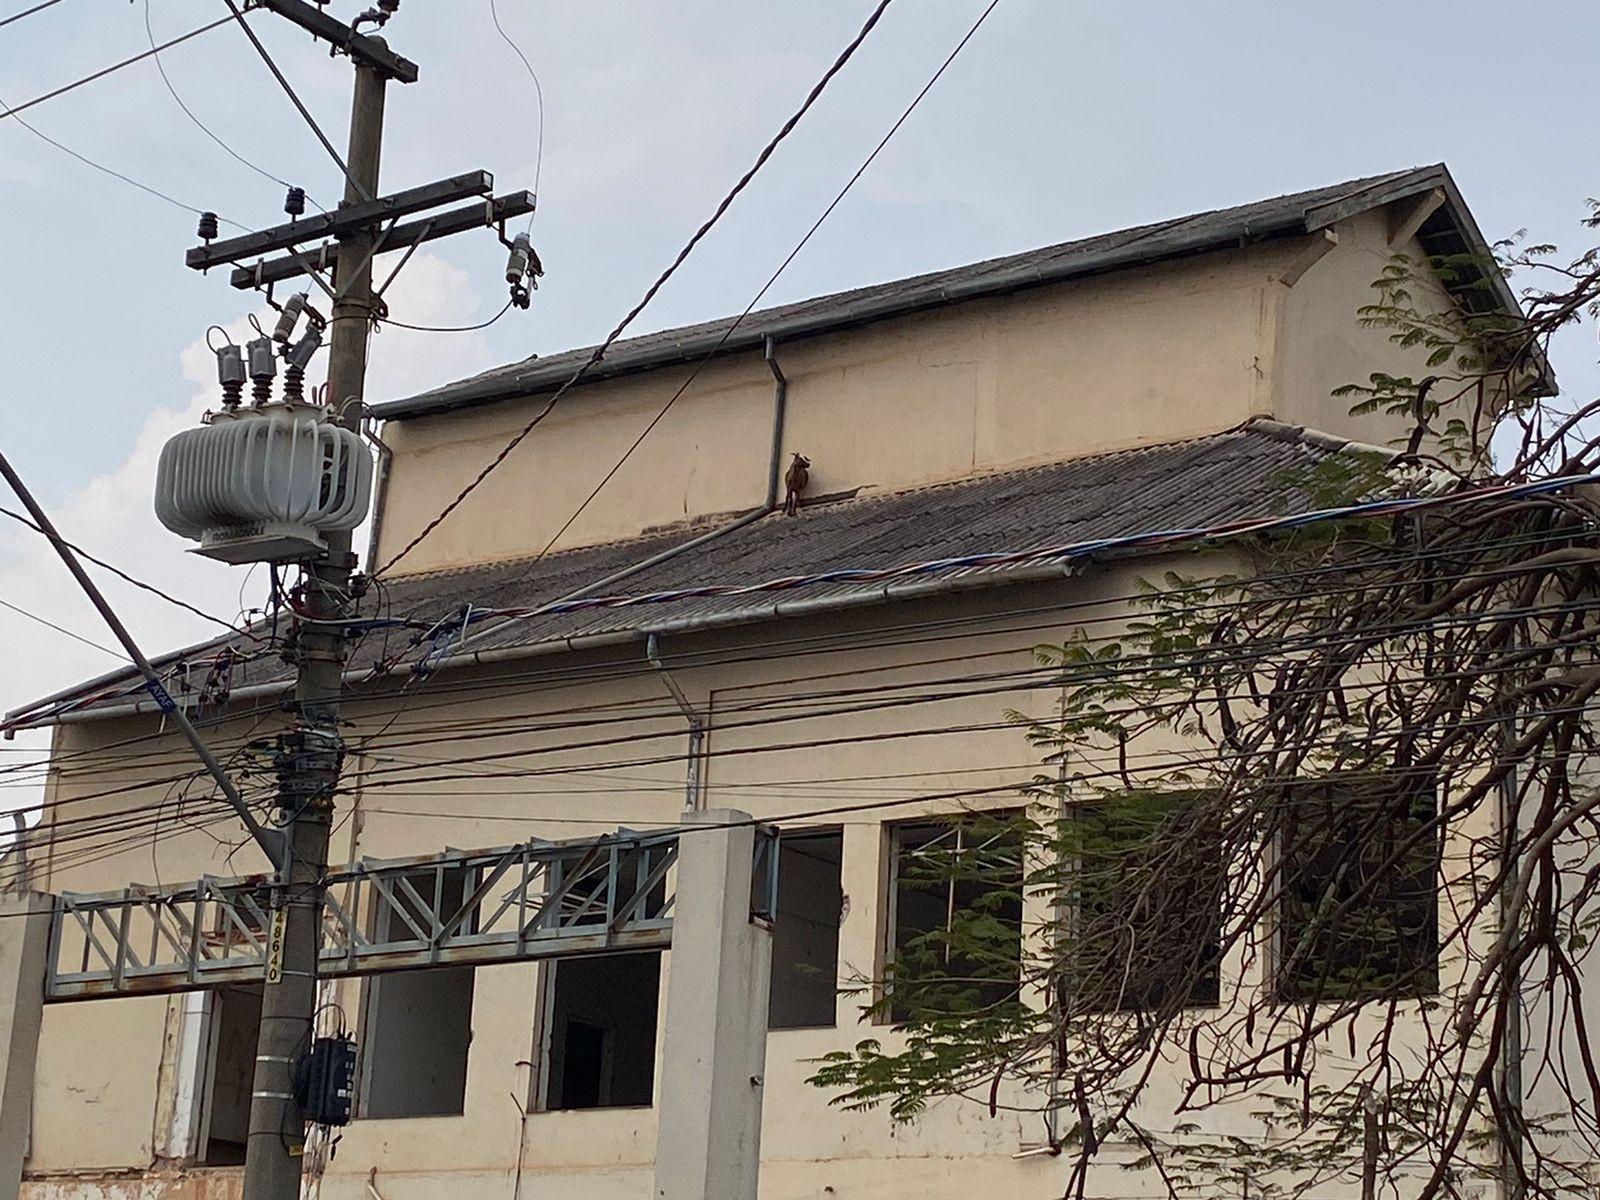 Cabra sobe em telhado de antiga cervejaria de Ribeirão Preto, SP, e mobiliza bombeiros; VÍDEO